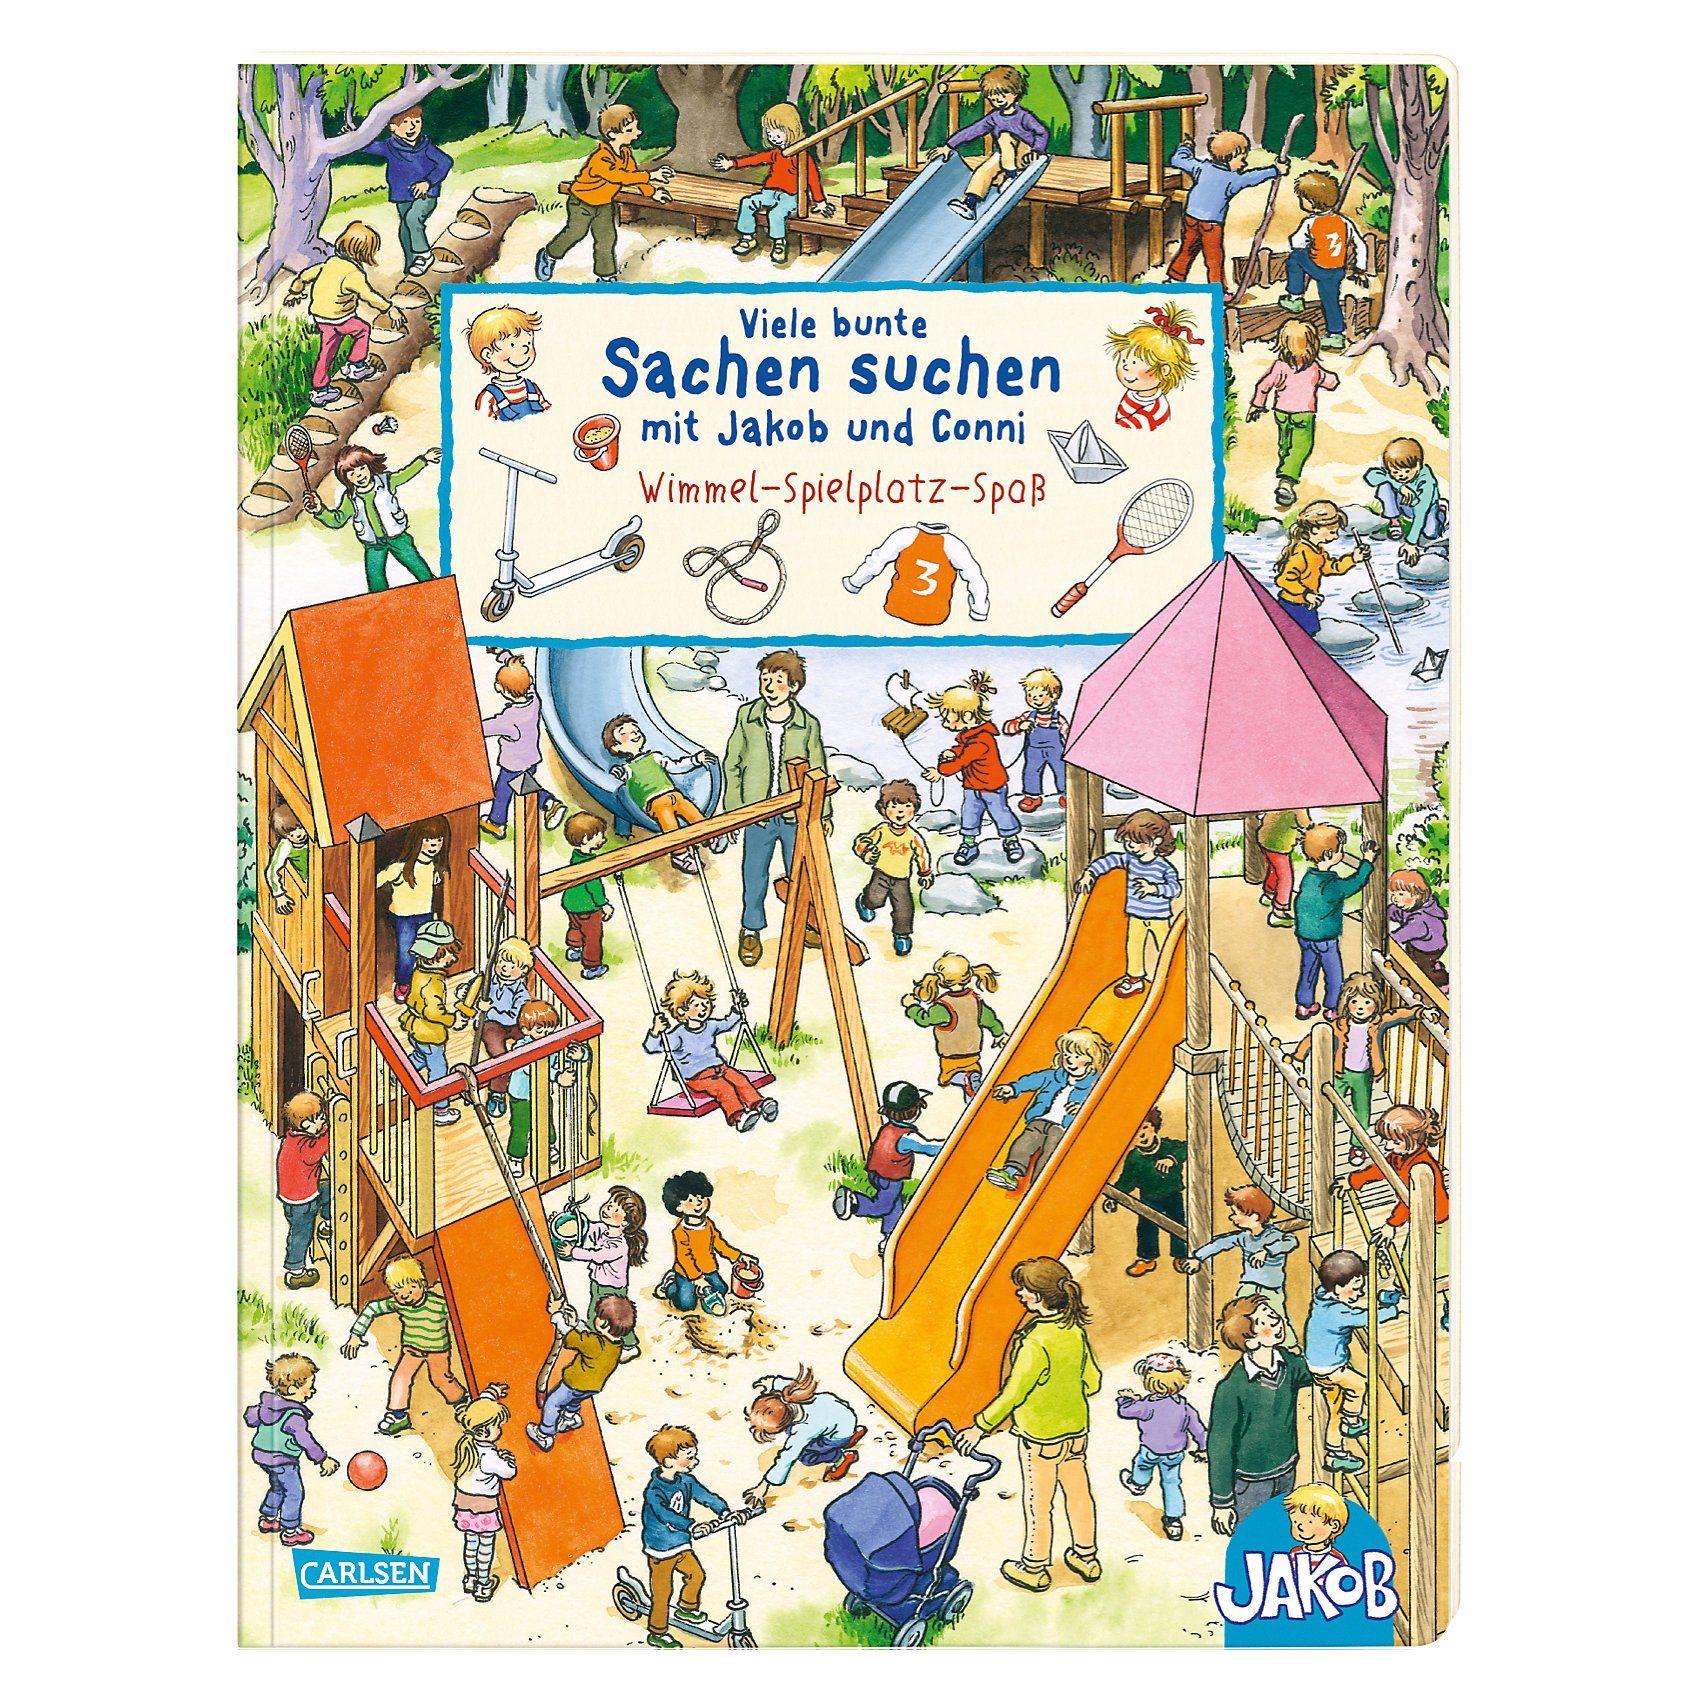 Carlsen Verlag Viele bunte Sachen suchen mit Jakob und Conni - Wimmel-Spiel